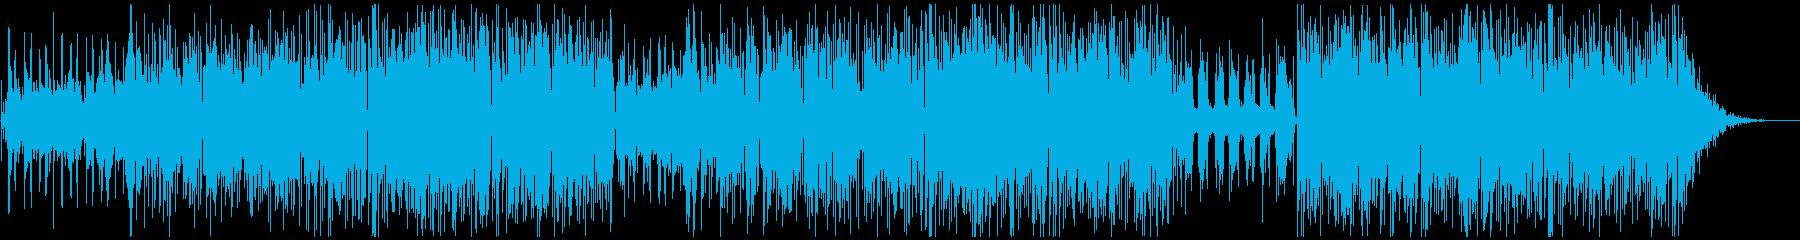 シティポップ・AORの再生済みの波形